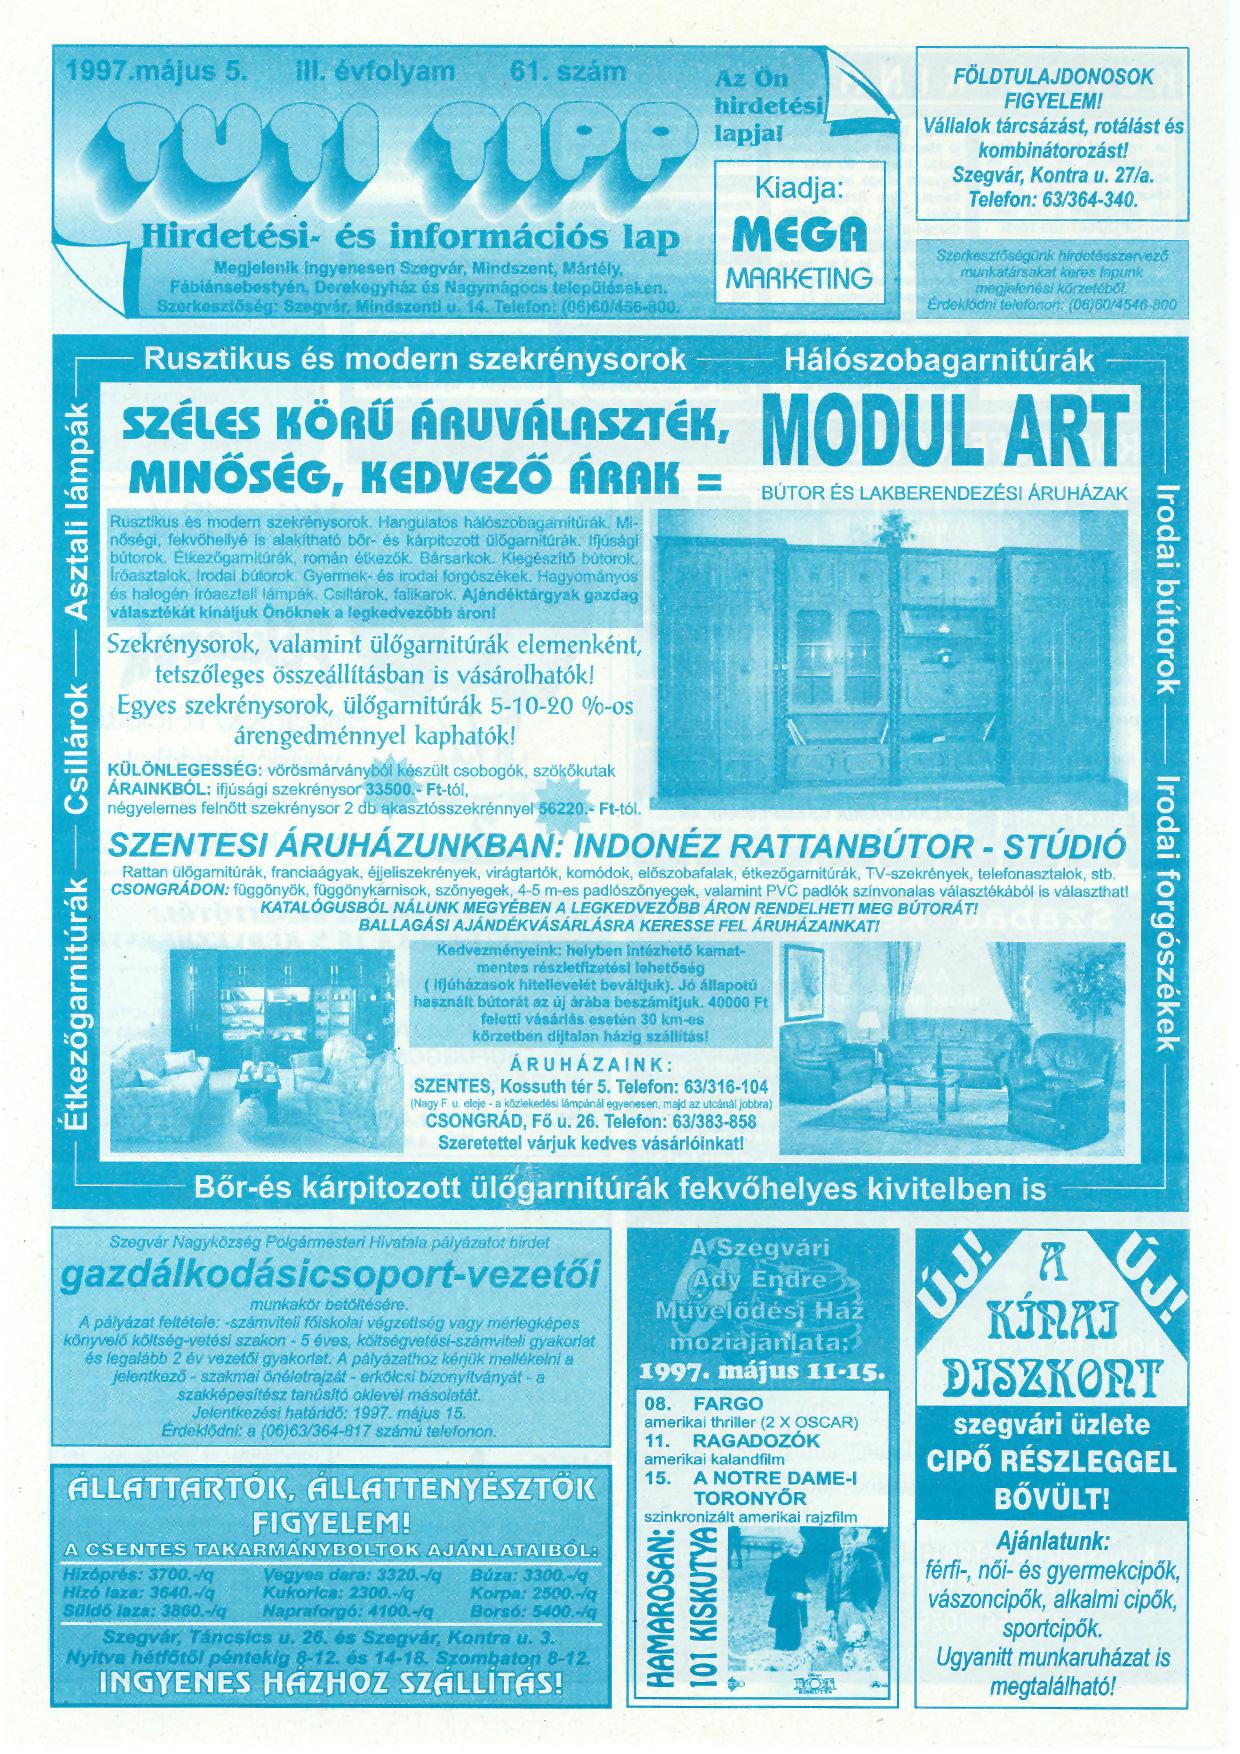 015 Tuti Tipp reklámújság - 19970505-061. lapszám - 1.oldal - III. évfolyam.jpg